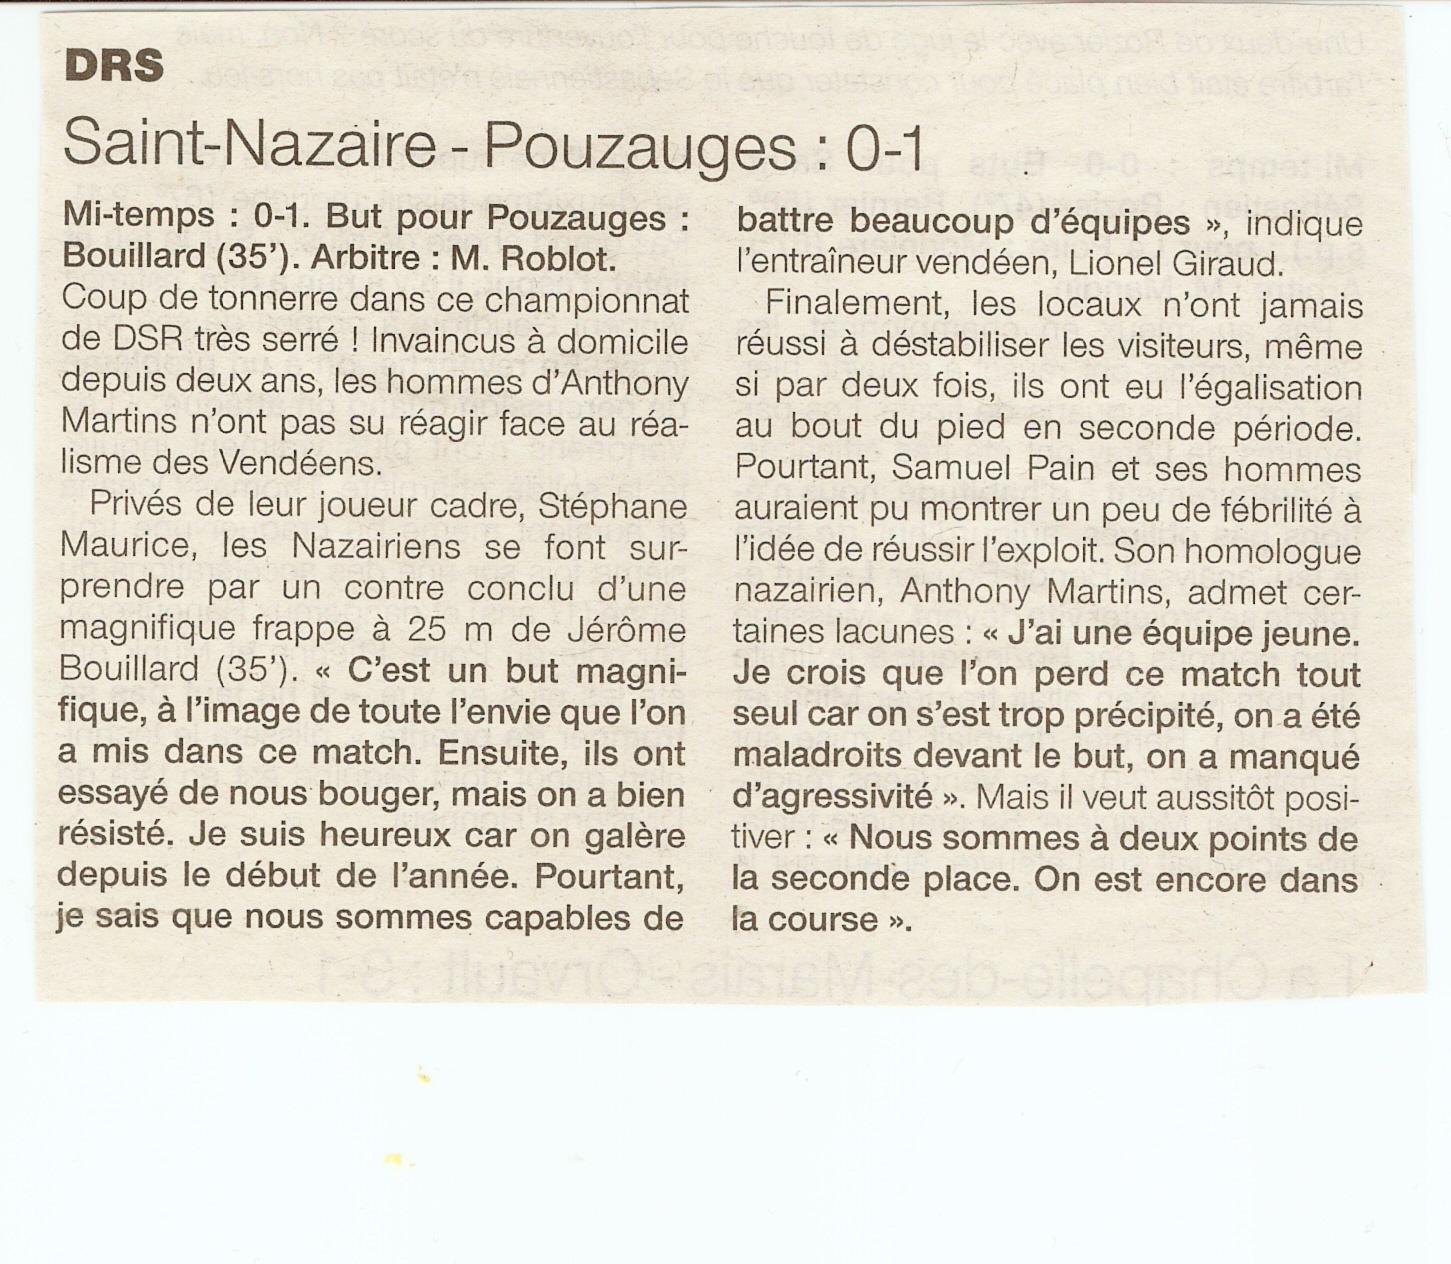 P.A.C 1-ST NAZAIRE